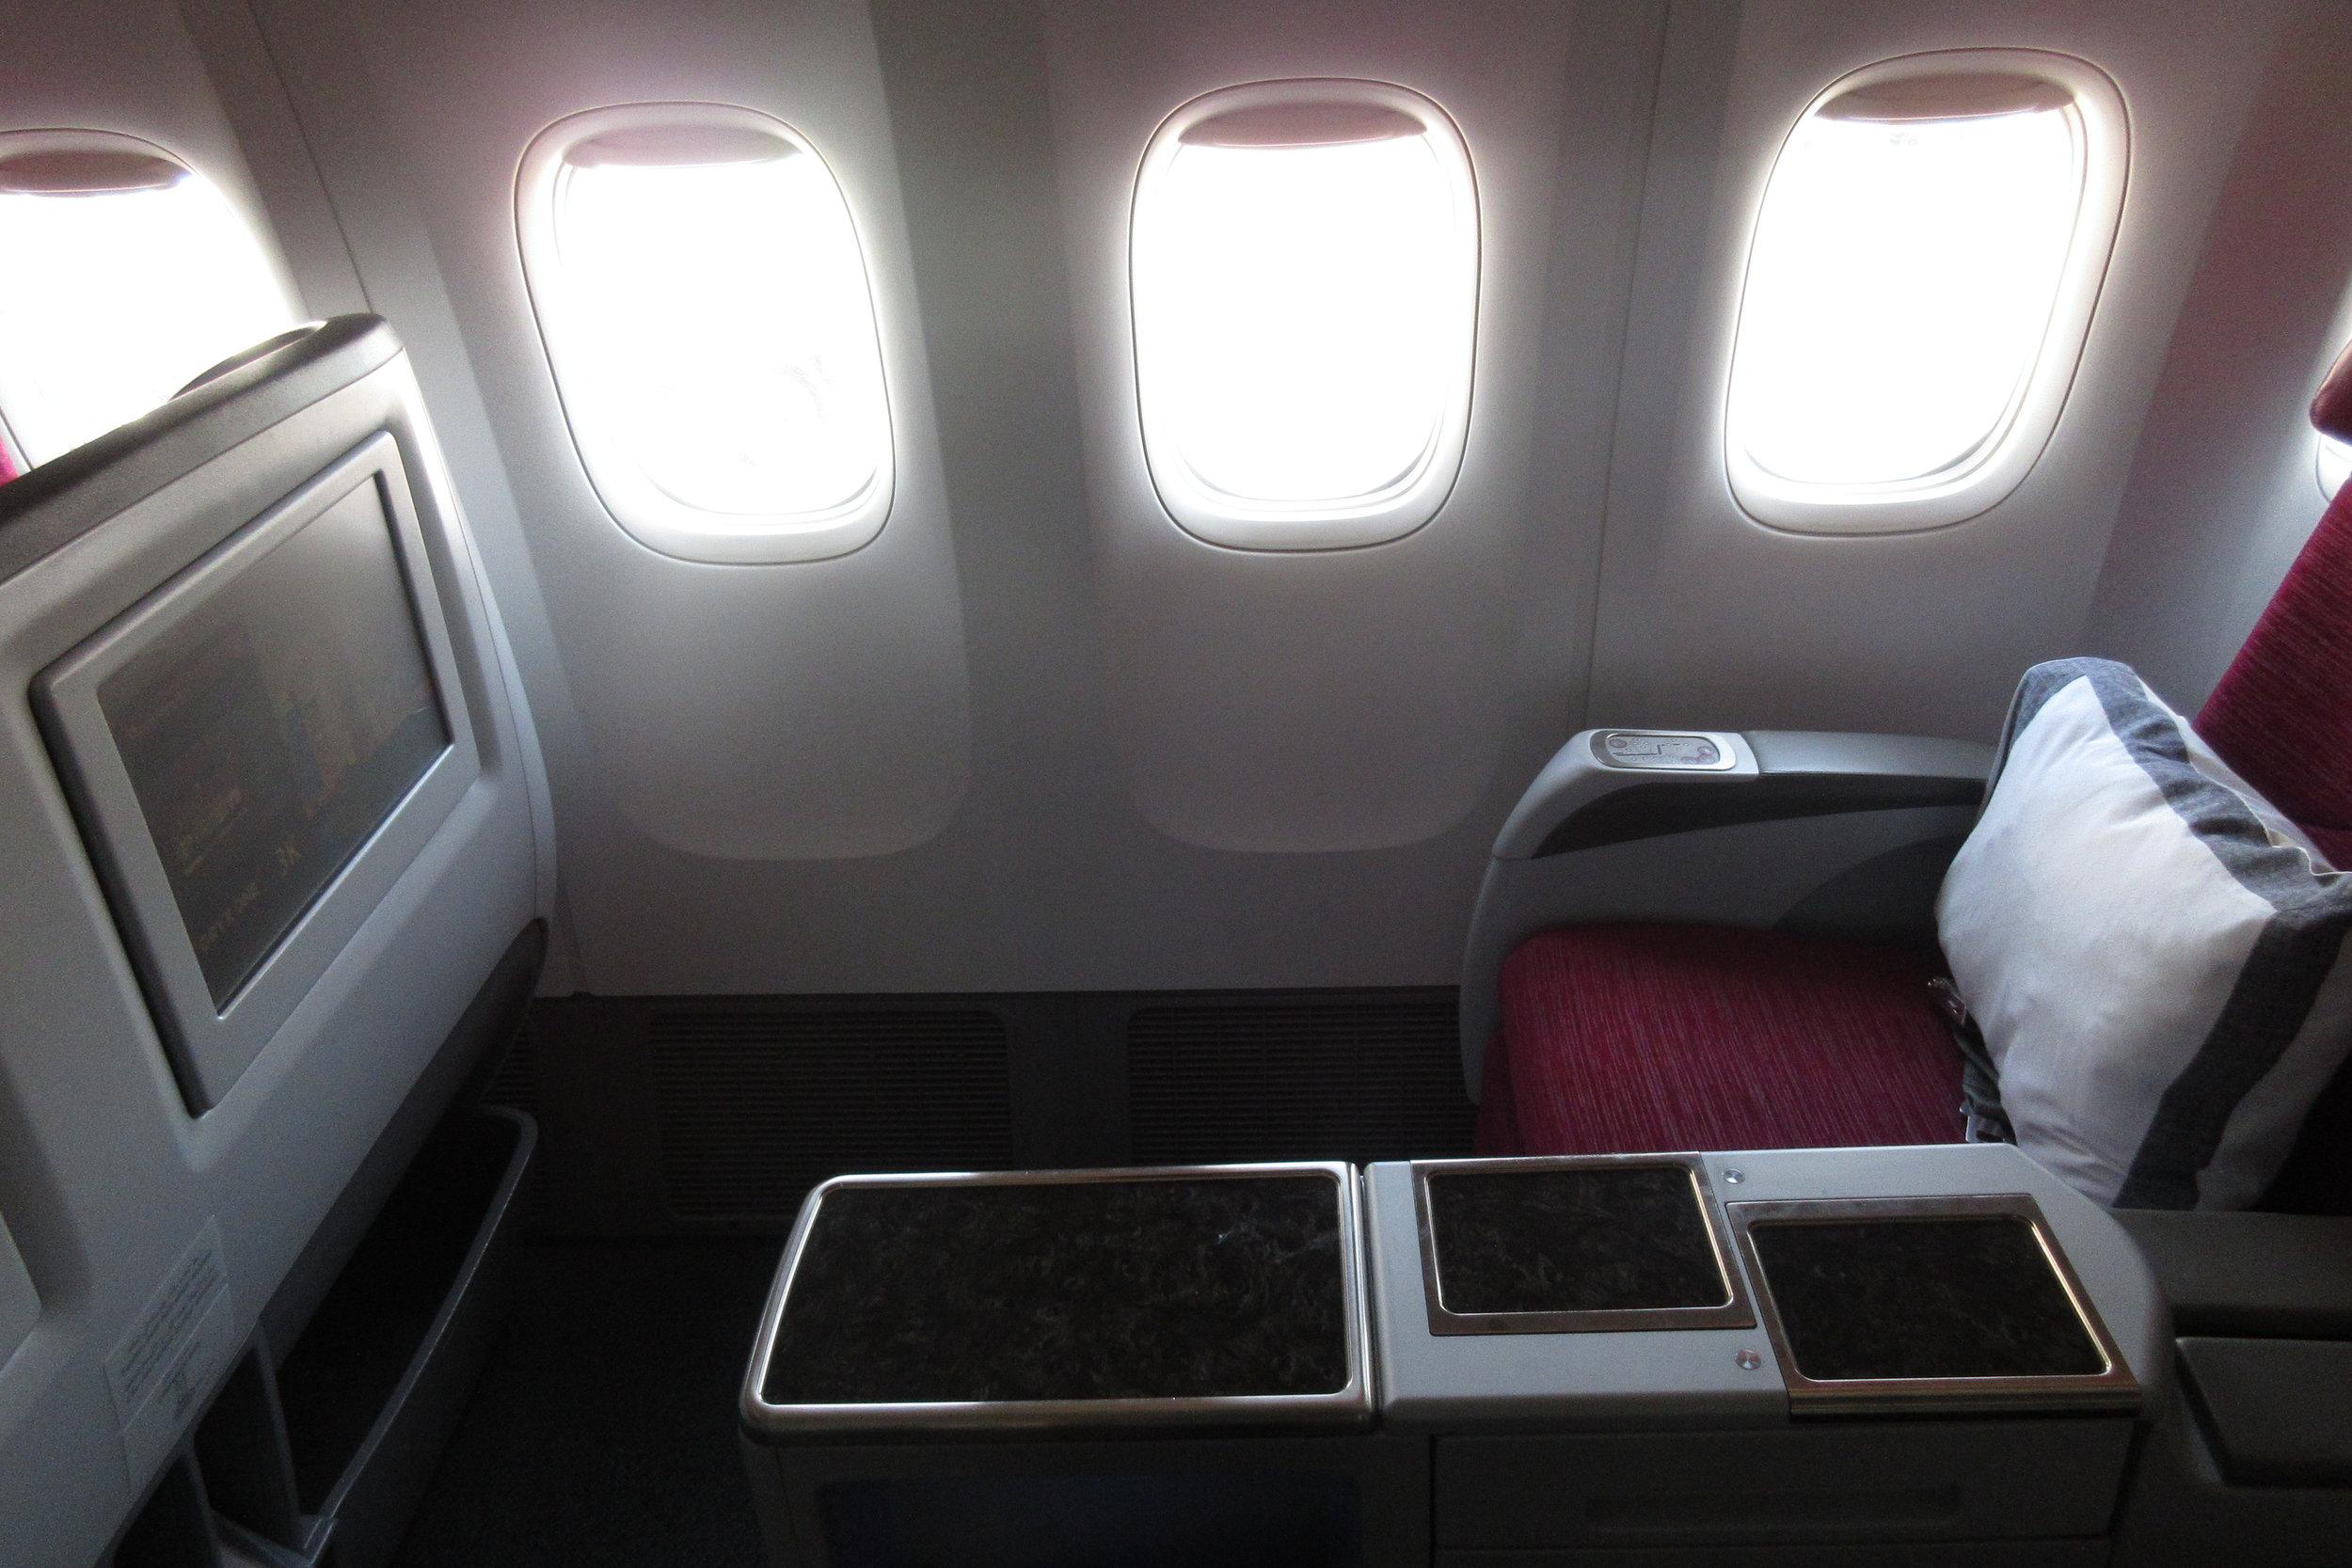 Qatar Airways 777 business class – Seat 3K